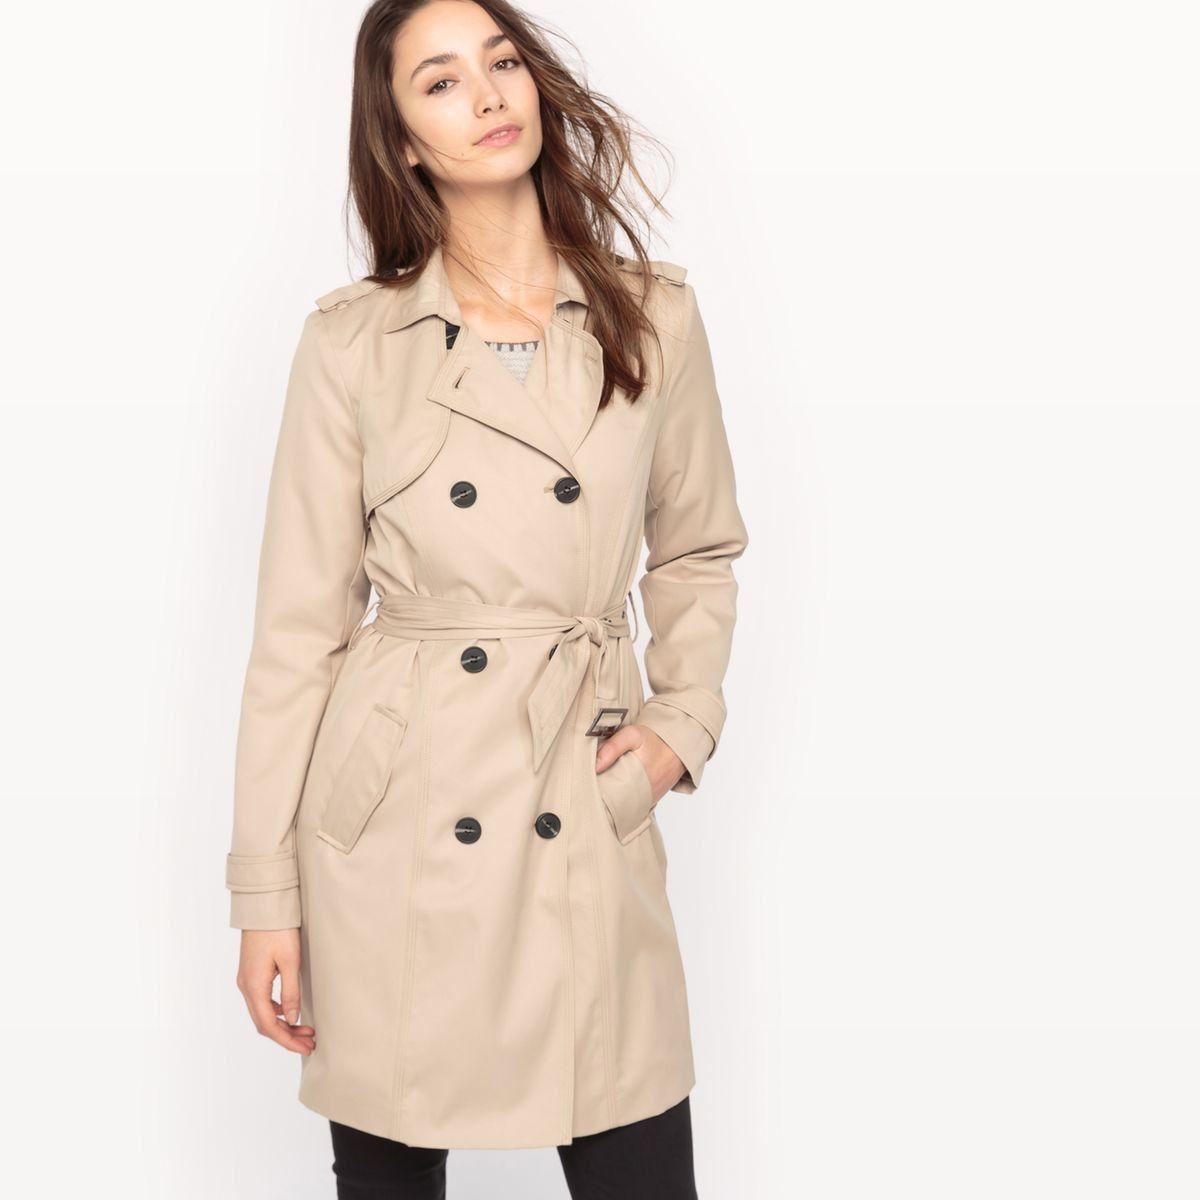 Trench shopsquare femme Vila mode Manteau tendance xx7pT